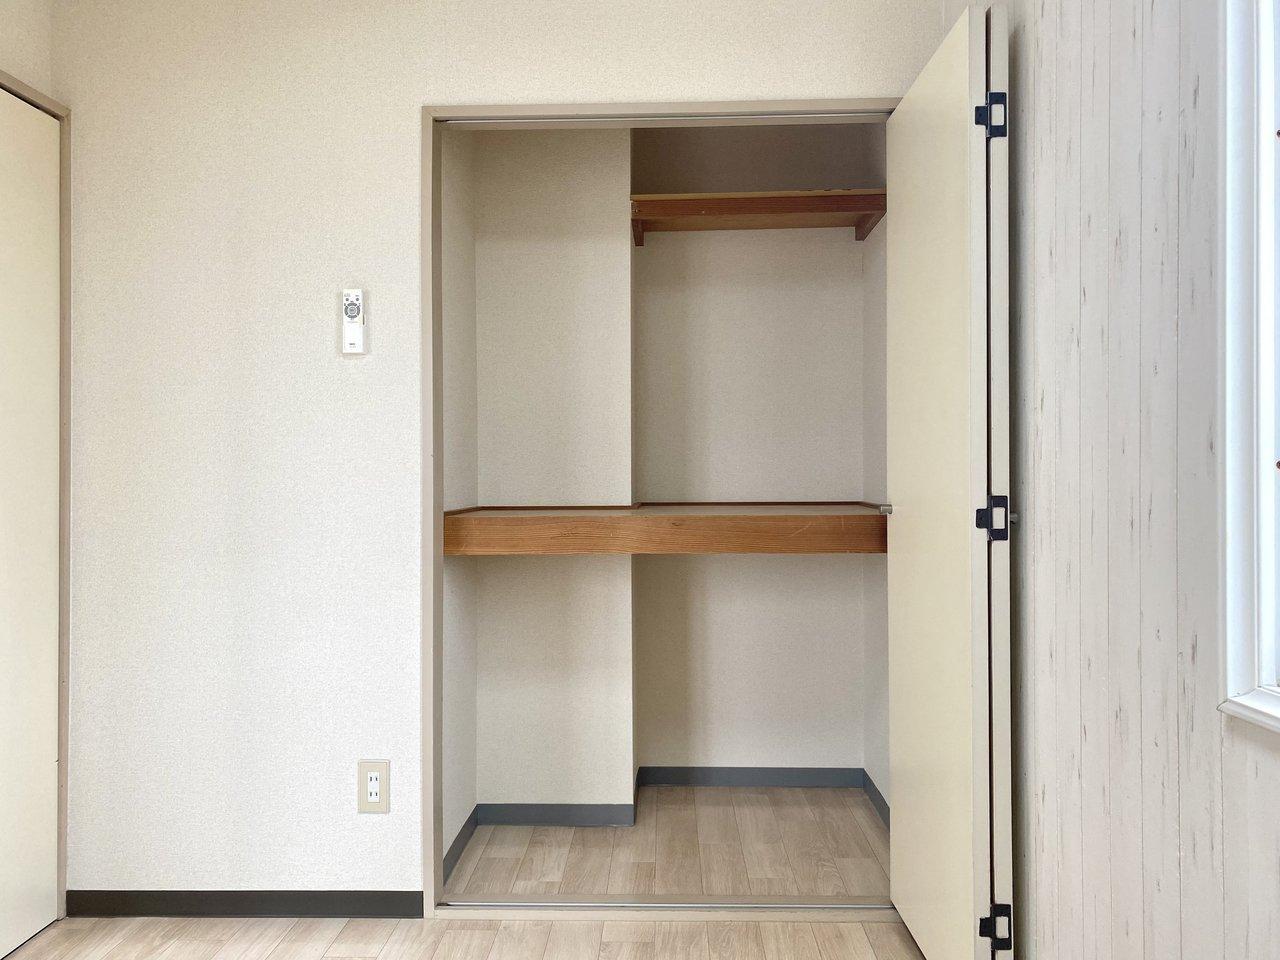 寝室にある収納スペースは奥行きもあり、2段に分かれているので整理整頓がしやすそうですね。